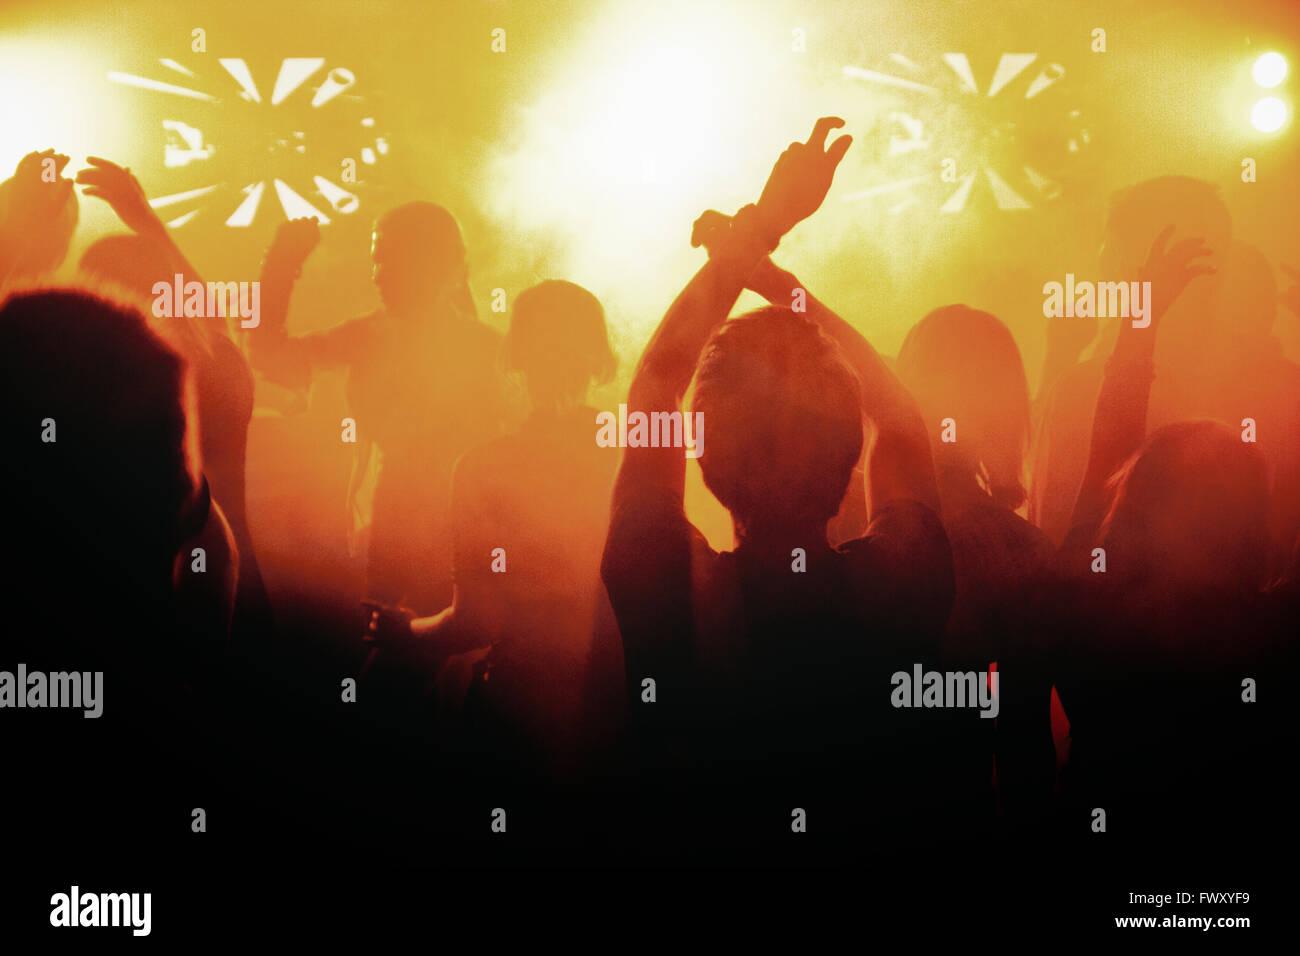 Finnland, Silhouetten von Menschen tanzen in Konzert Stockbild